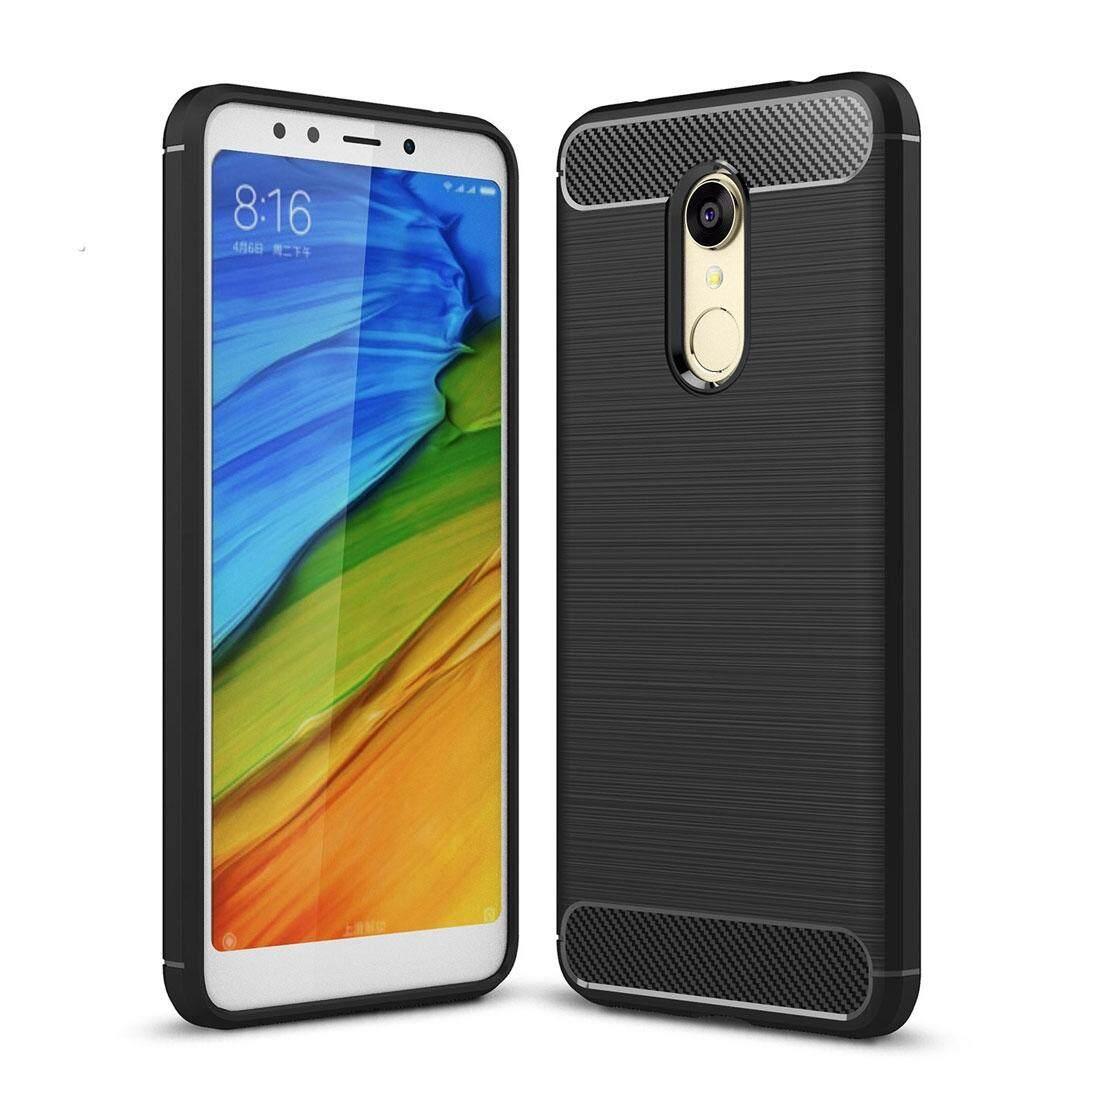 ซื้อ Xiaomi Redmi 5 Brushed Texture Carbon Fiber Shockproof Tpu Rugged Armor Protective Case Black Intl ถูก